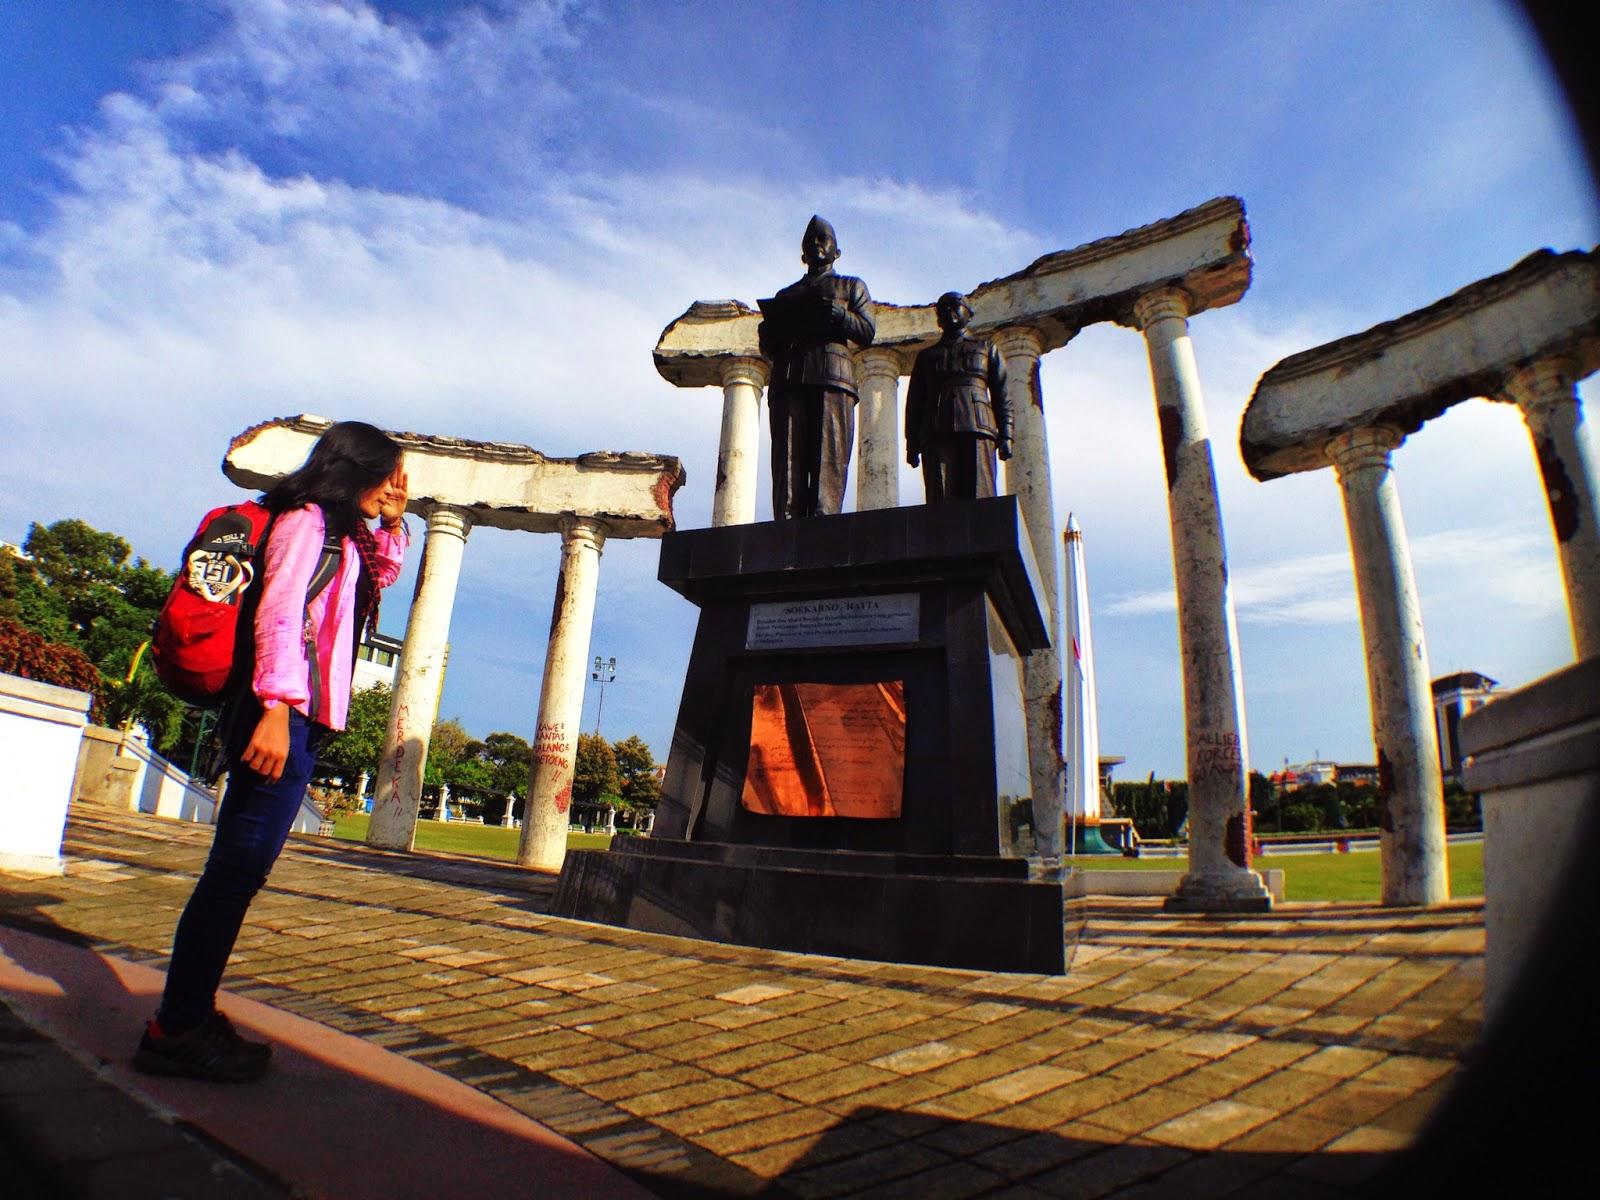 Satu Hari keliling Kota Surabaya - Perjalanannya Indah